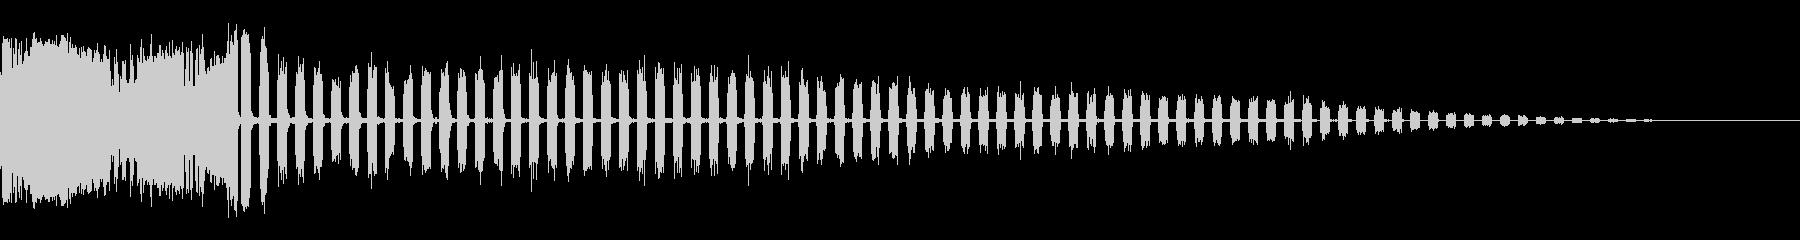 ビッグスパッタスタティックウィンドダウンの未再生の波形